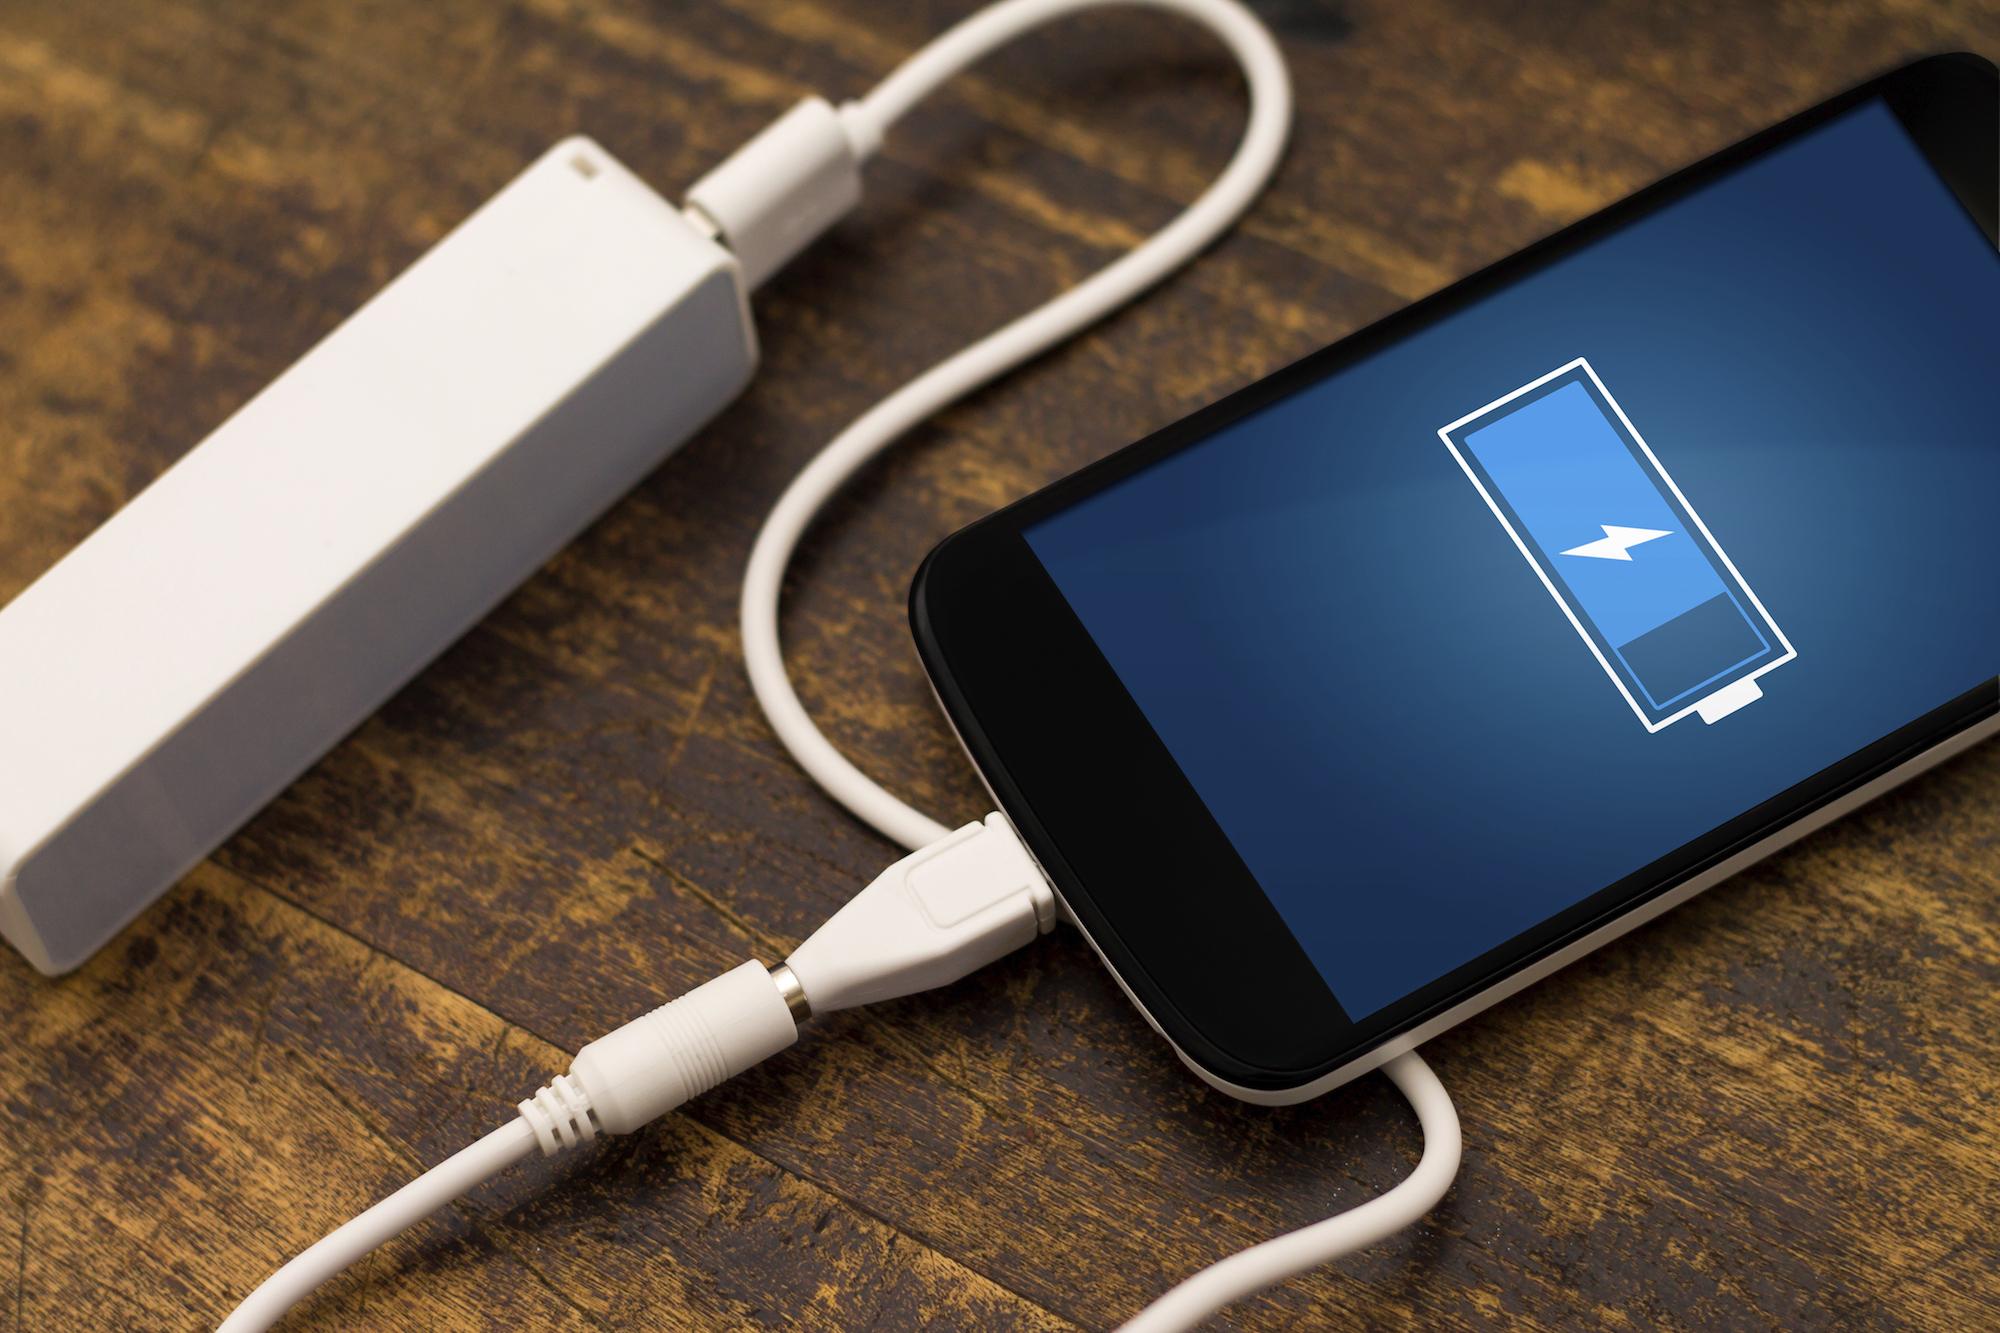 Il nuovo diodo magnetico potrebbe far durare le batterie fino a 100 volte di più